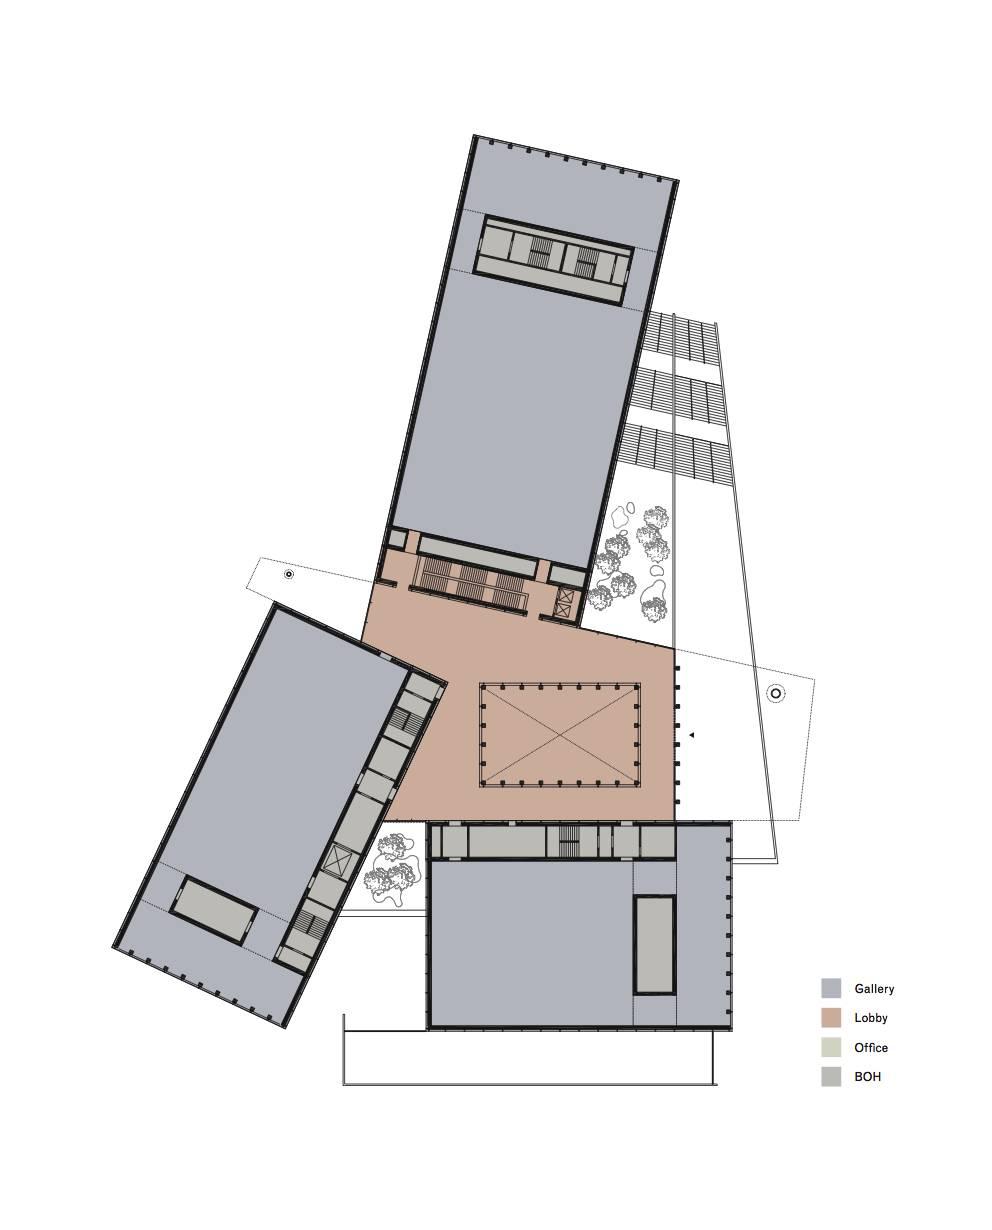 立面图 开始时间 : 2013 完成时间 : 2019 总面积 : 24000 m2 甲方图片